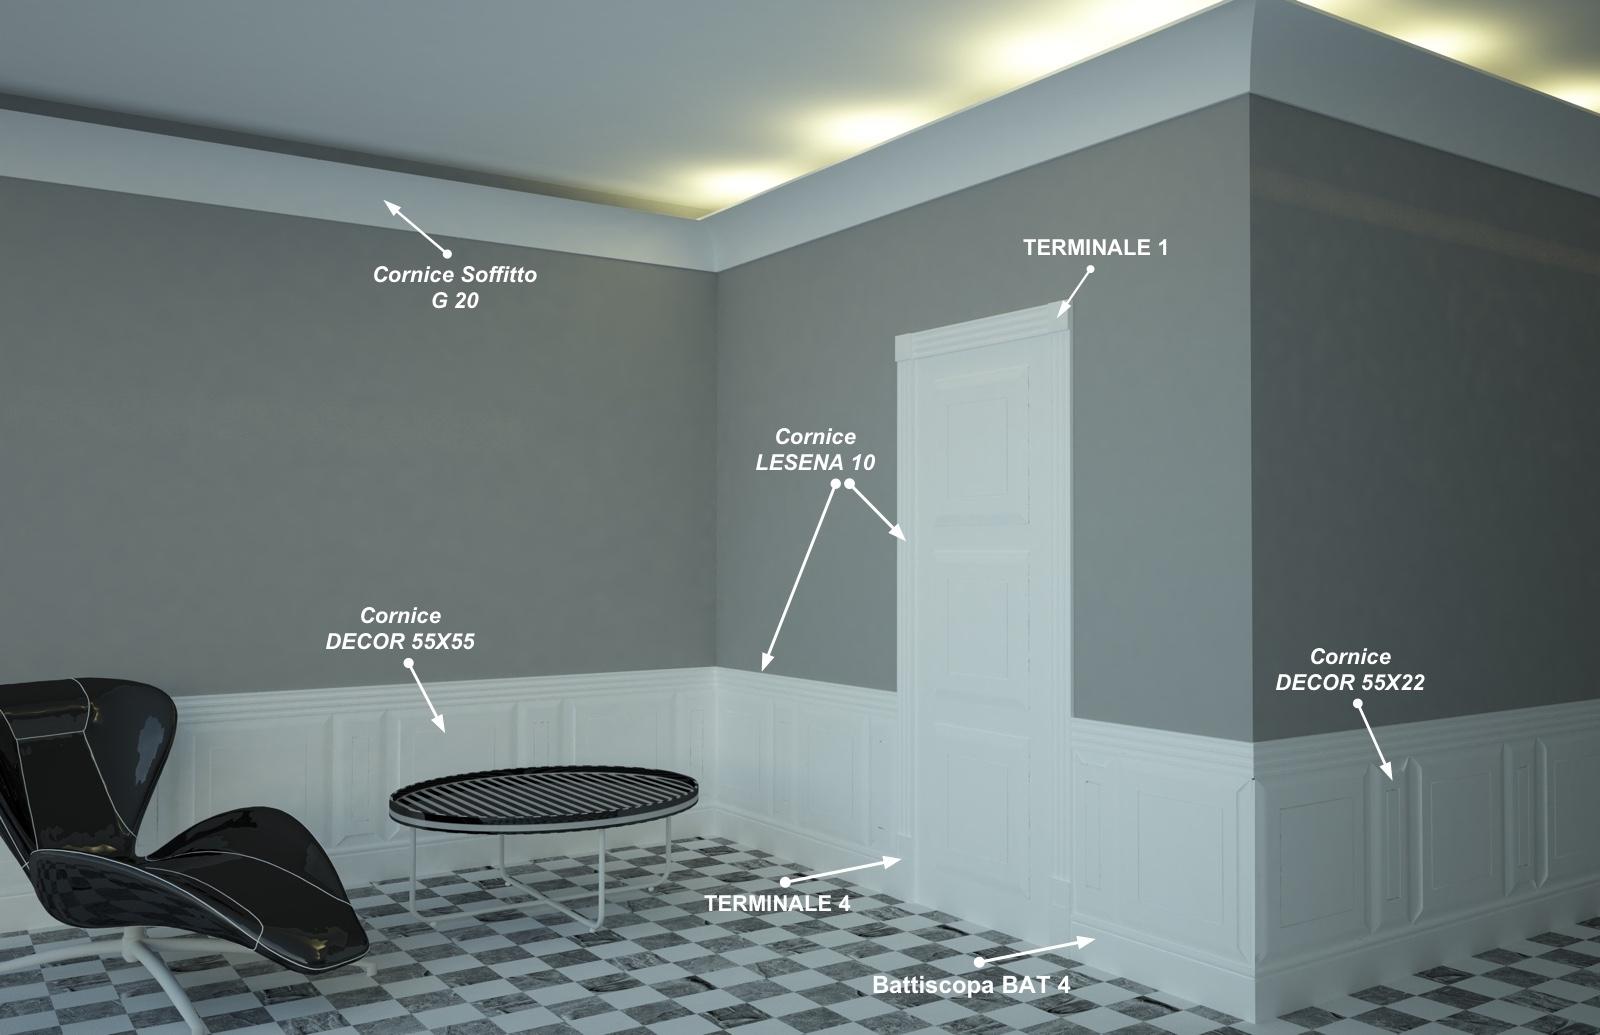 Terminale 1 - Composizione per porte e boiserie - Decorget - Ital Decori - Image 1